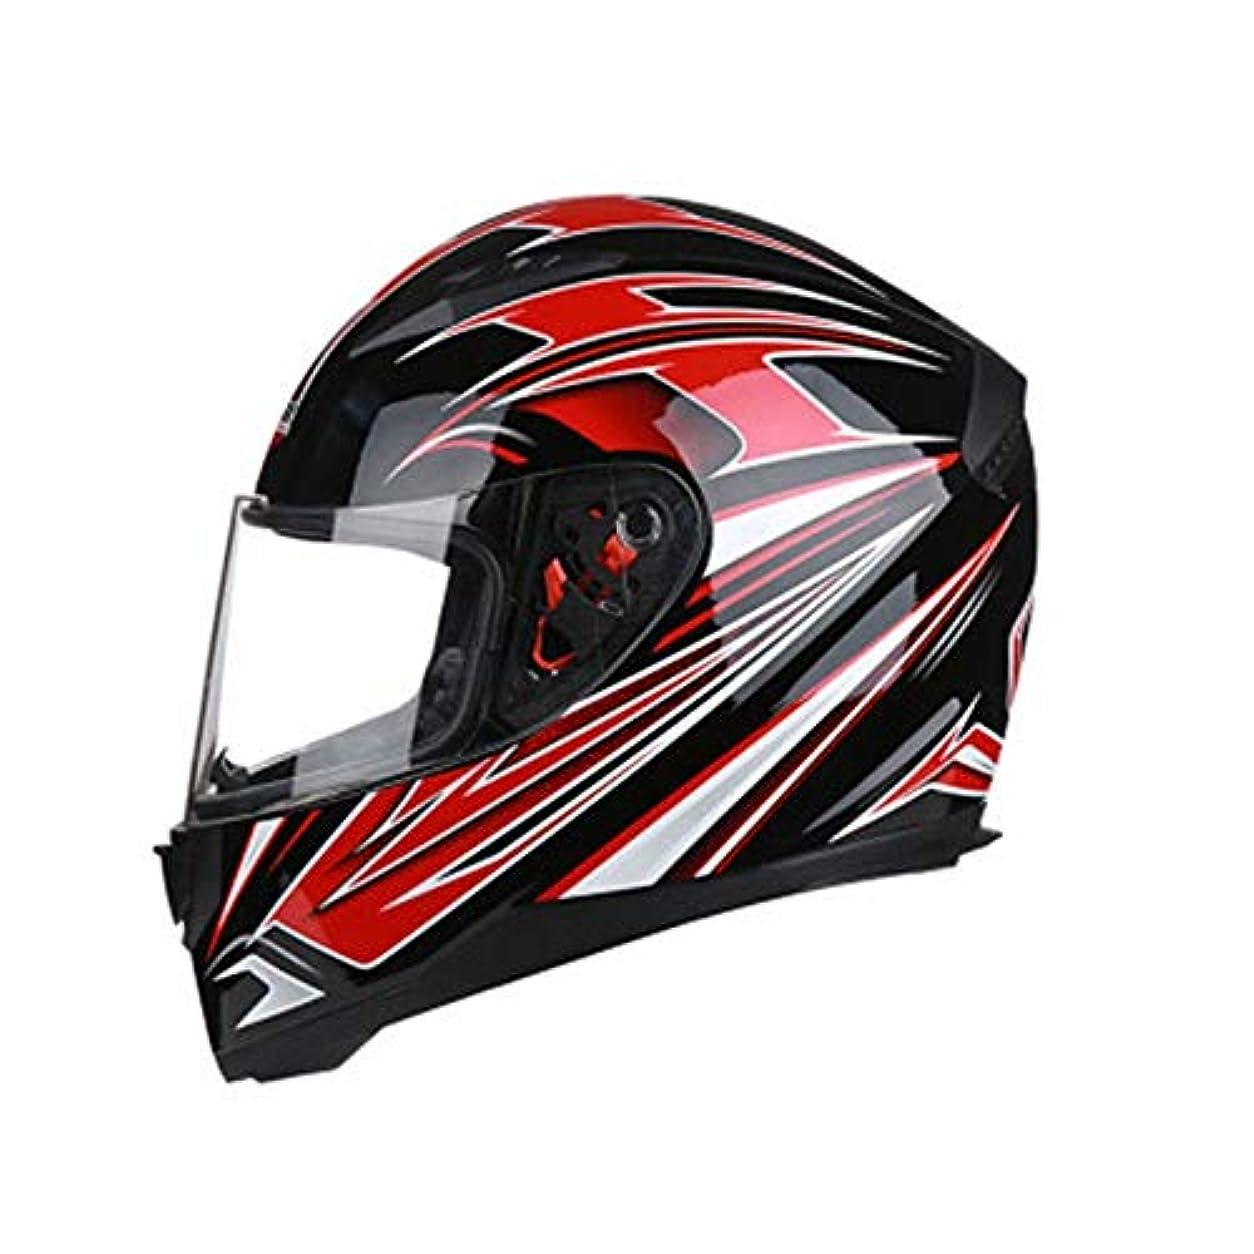 郵便番号責凍結TOMSSL高品質 モトクロスヘルメットヘルメットレーシング飛散防止ベルトスカーフ暖かいヘルメット機関車ABSヘルメットプロのオートバイのヘルメットモトクロスヘルメットヘルメットオートバイのヘルメットロードヘルメットフルカバー四季の普遍的な大規模なヘルメット TOMSSL高品質 (Size : XL)